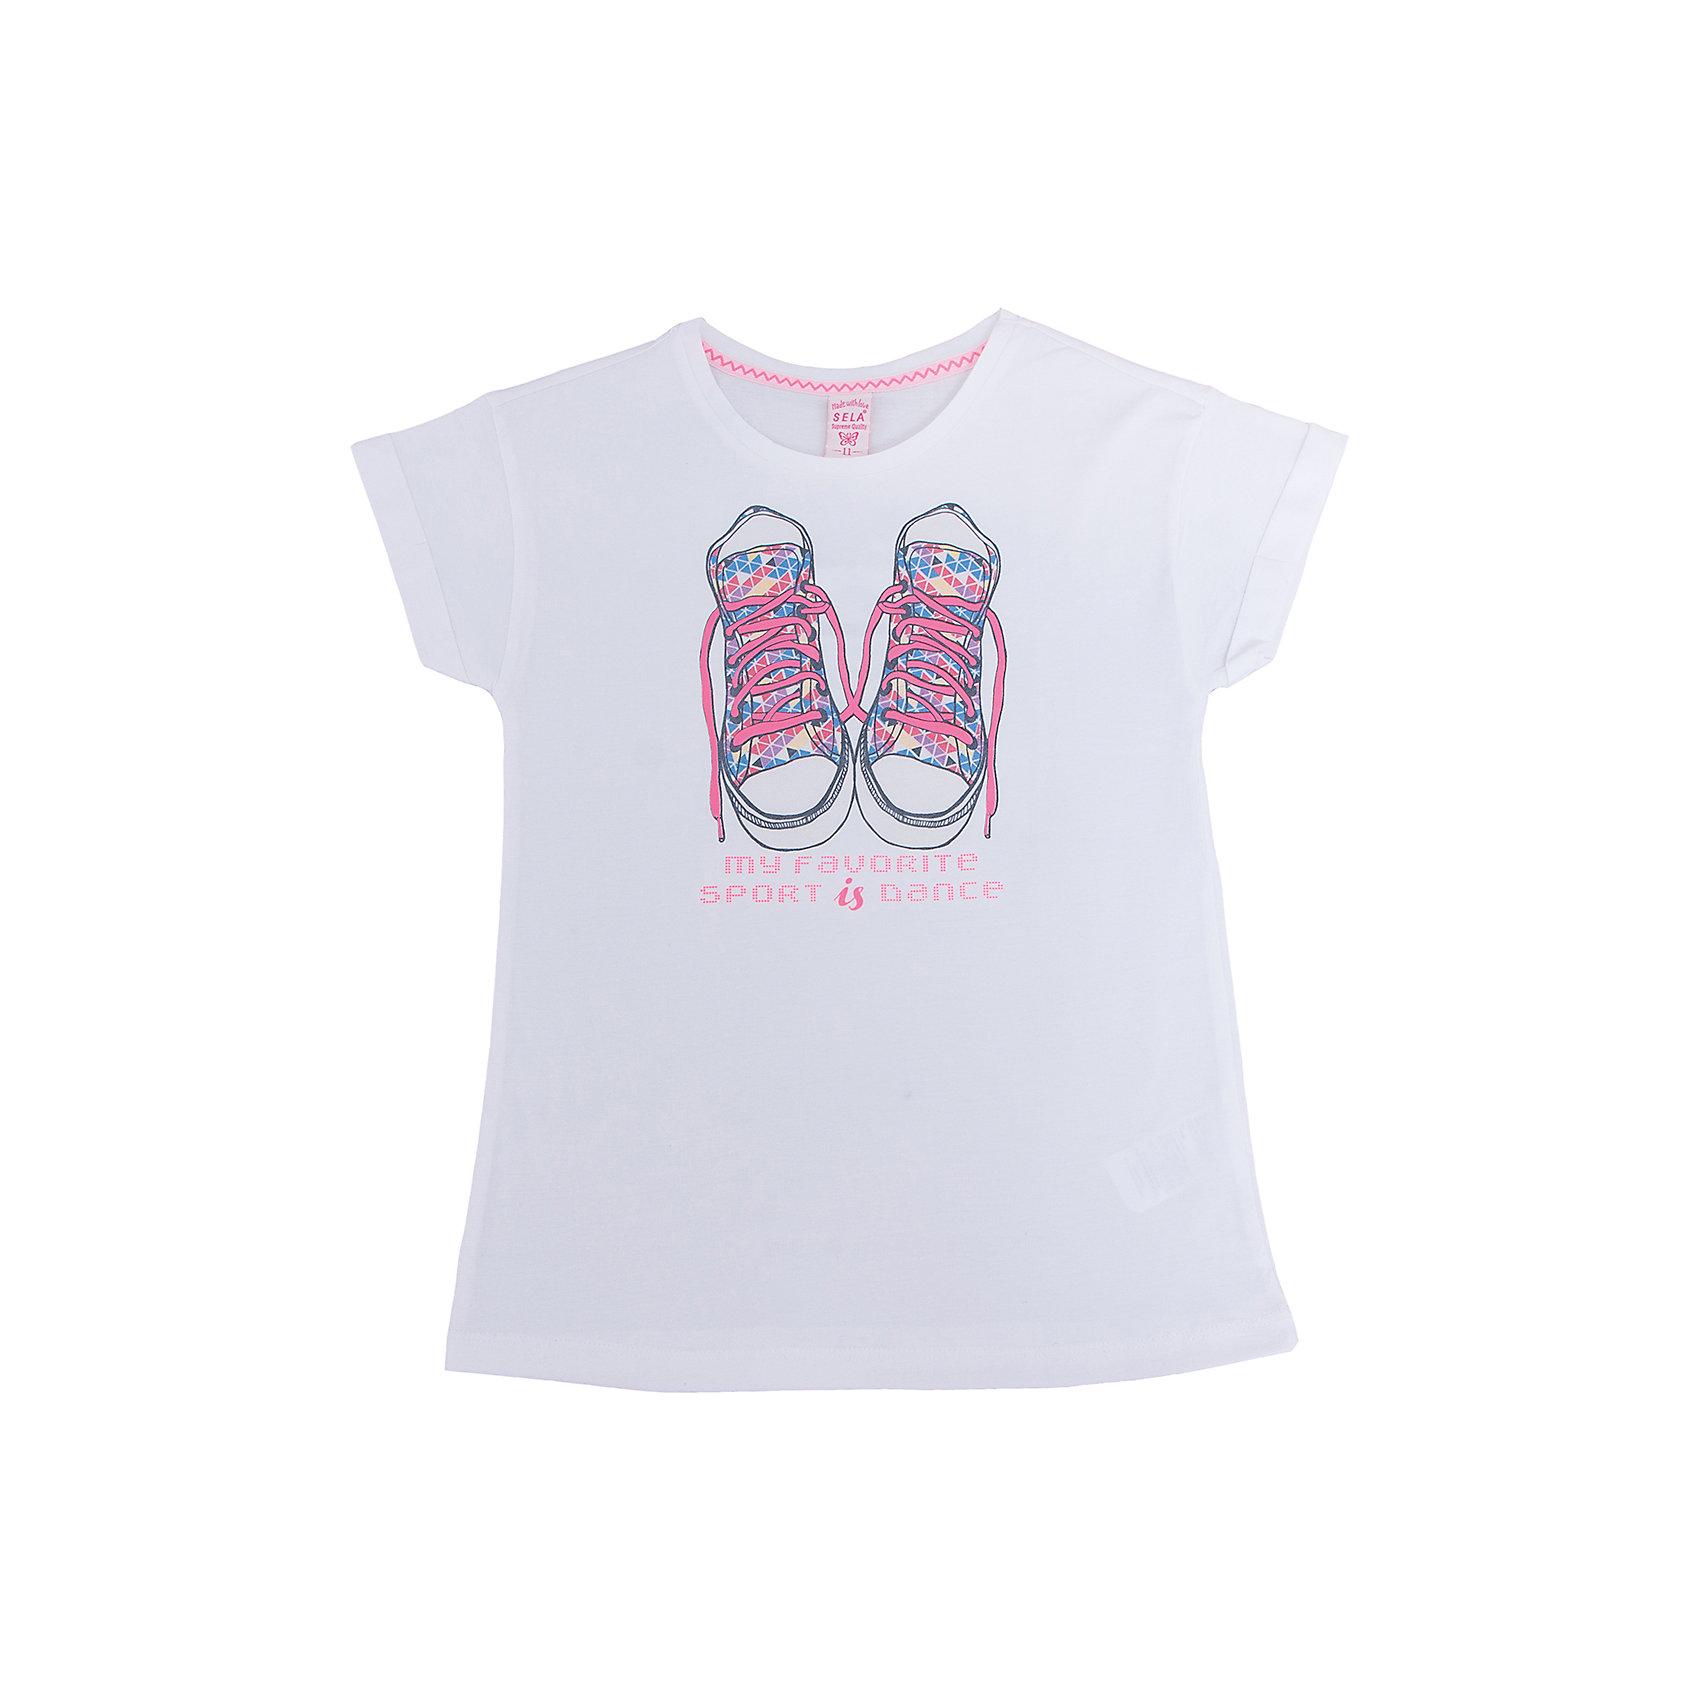 Футболка для девочки SELAХарактеристики товара:<br><br>• цвет: белый<br>• состав: 100% хлопок<br>• декорирована принтом<br>• короткие рукава<br>• округлый горловой вырез<br>• коллекция весна-лето 2017<br>• страна бренда: Российская Федерация<br><br>В новой коллекции SELA отличные модели одежды! Эта футболка для девочки поможет разнообразить гардероб ребенка и обеспечить комфорт. Она отлично сочетается с юбками и брюками. Удобная базовая вещь!<br><br>Одежда, обувь и аксессуары от российского бренда SELA не зря пользуются большой популярностью у детей и взрослых! Модели этой марки - стильные и удобные, цена при этом неизменно остается доступной. Для их производства используются только безопасные, качественные материалы и фурнитура. Новая коллекция поддерживает хорошие традиции бренда! <br><br>Футболку для девочки от популярного бренда SELA (СЕЛА) можно купить в нашем интернет-магазине.<br><br>Ширина мм: 230<br>Глубина мм: 40<br>Высота мм: 220<br>Вес г: 250<br>Цвет: белый<br>Возраст от месяцев: 96<br>Возраст до месяцев: 108<br>Пол: Женский<br>Возраст: Детский<br>Размер: 134,152,140,146,116,122,128<br>SKU: 5303475